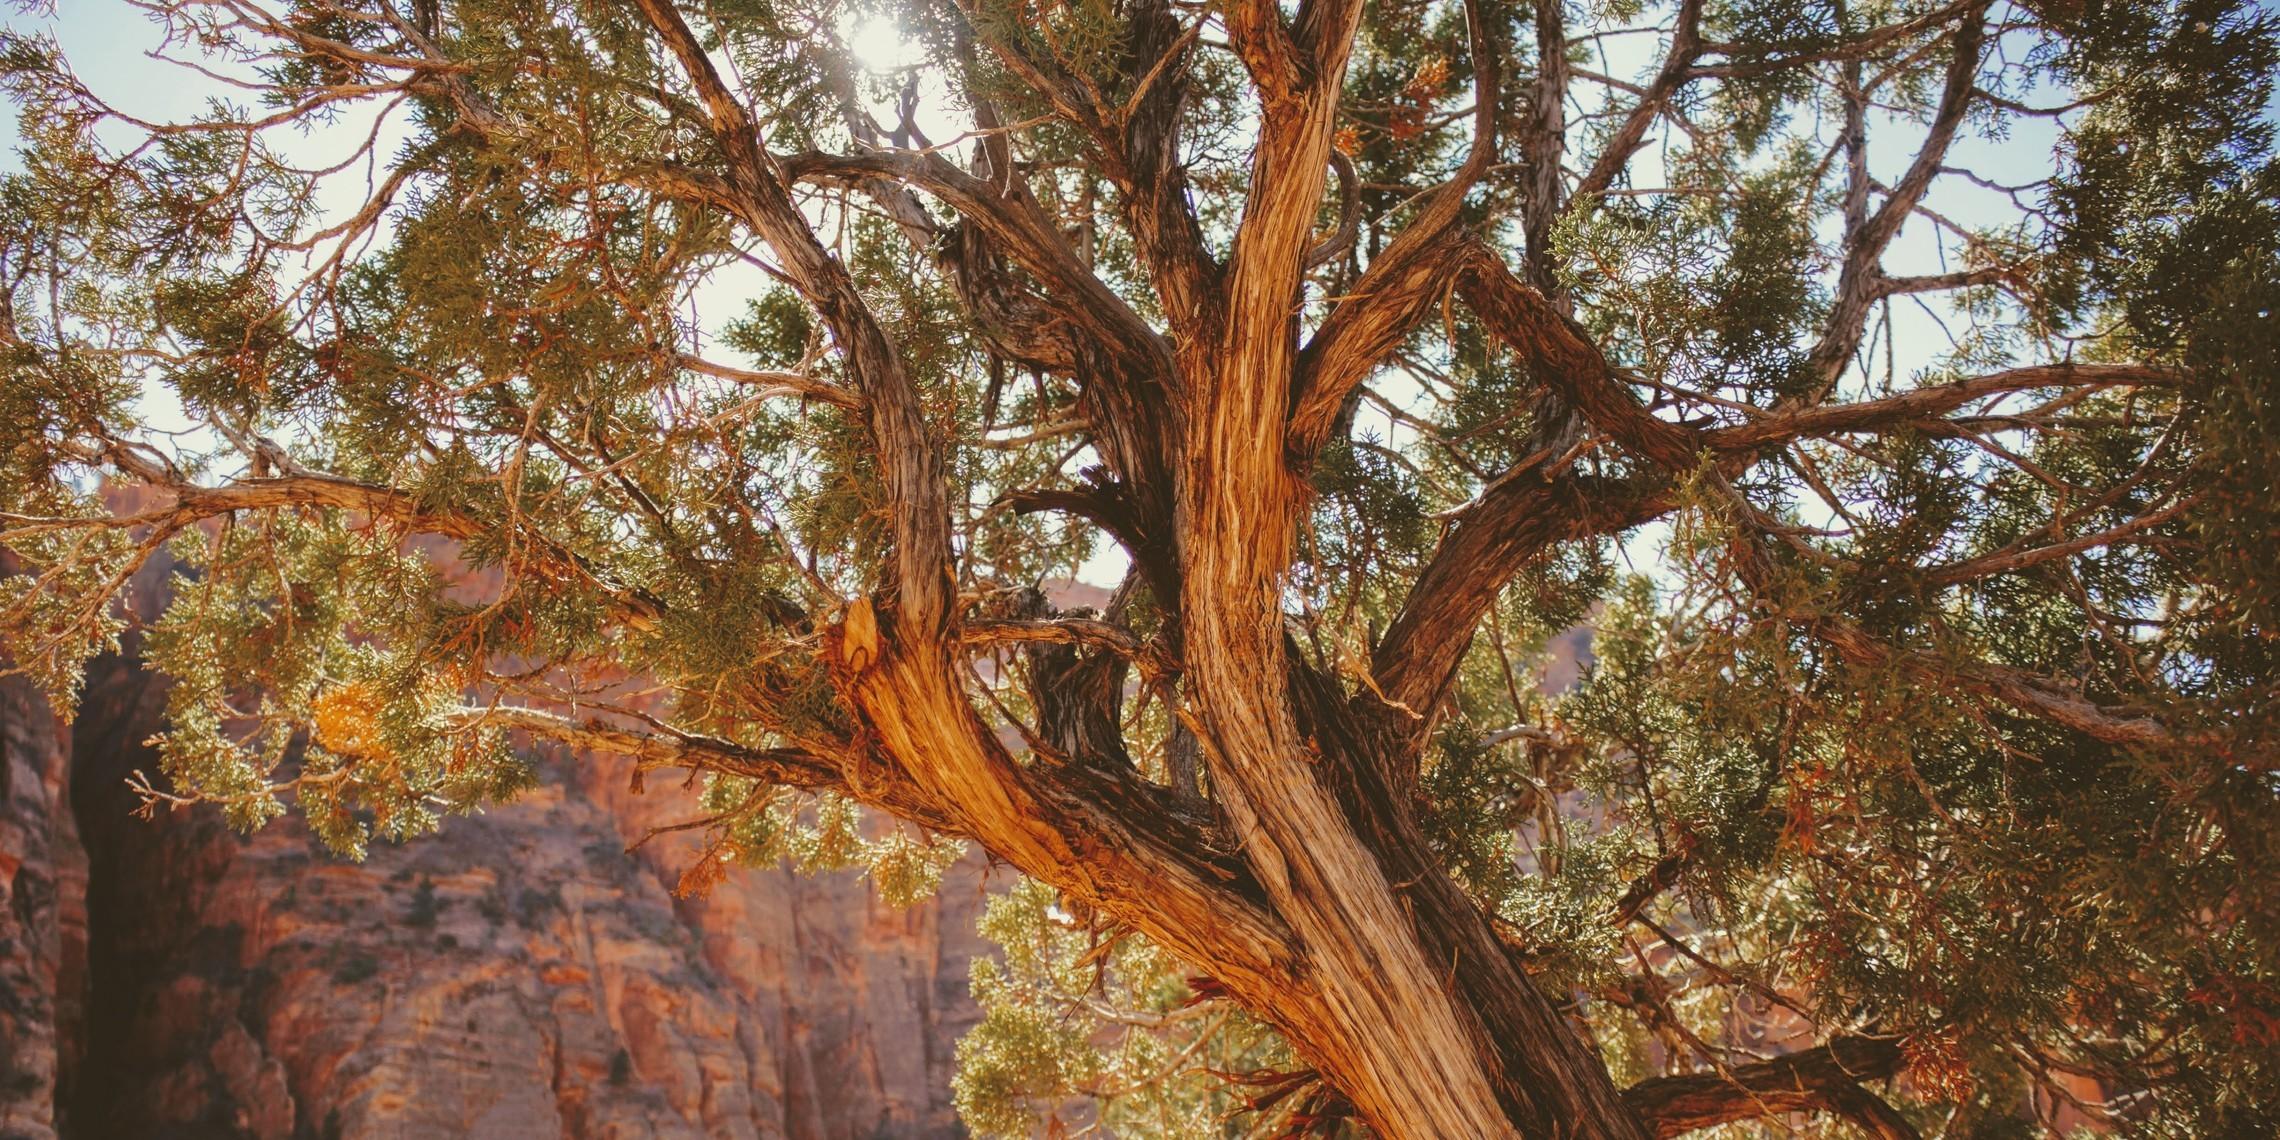 Ceder tree